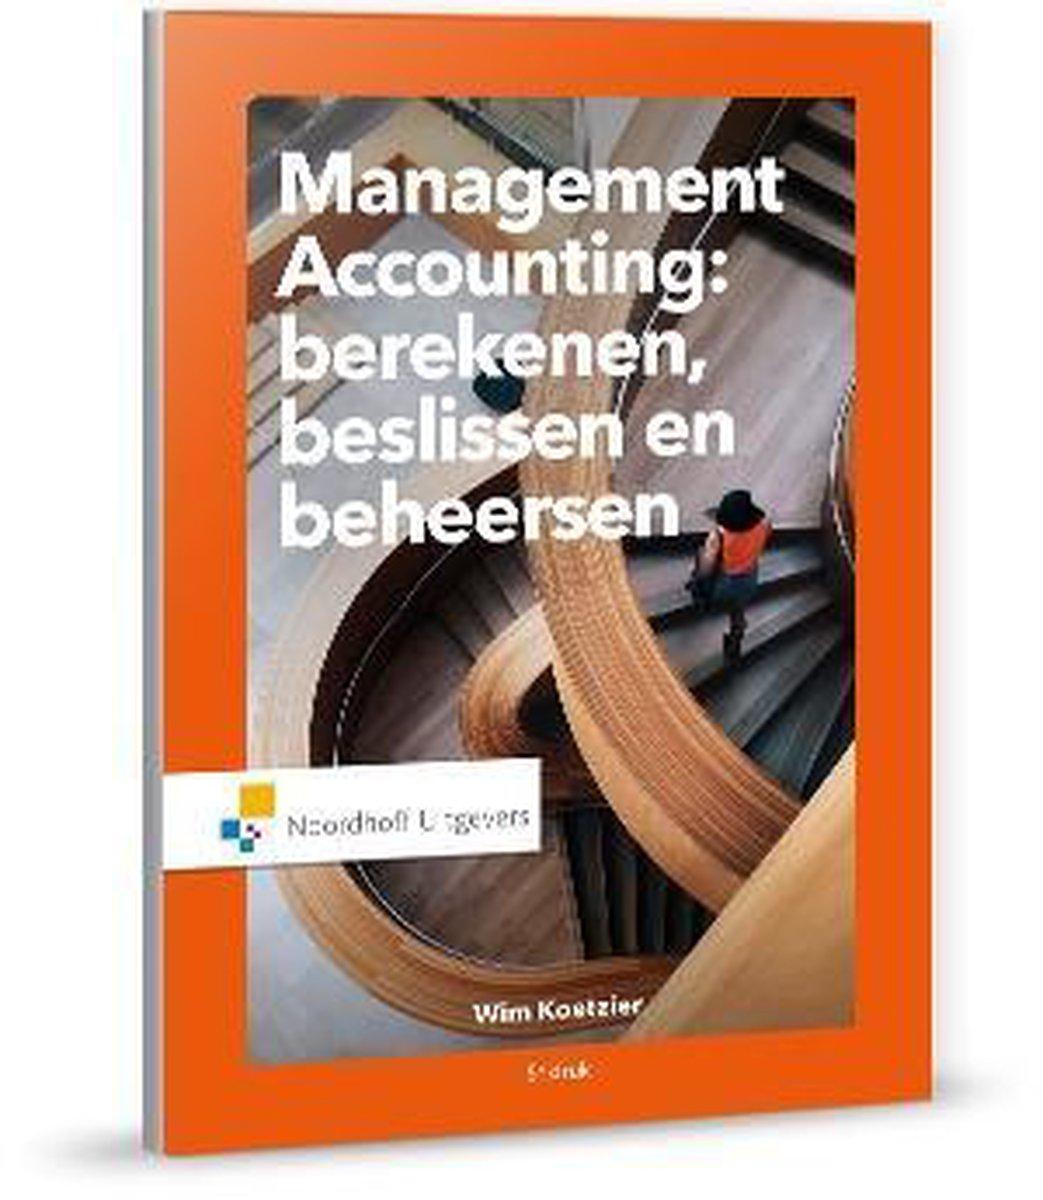 Management accounting: berekenen beslissen en beheersen - W. Koetzier